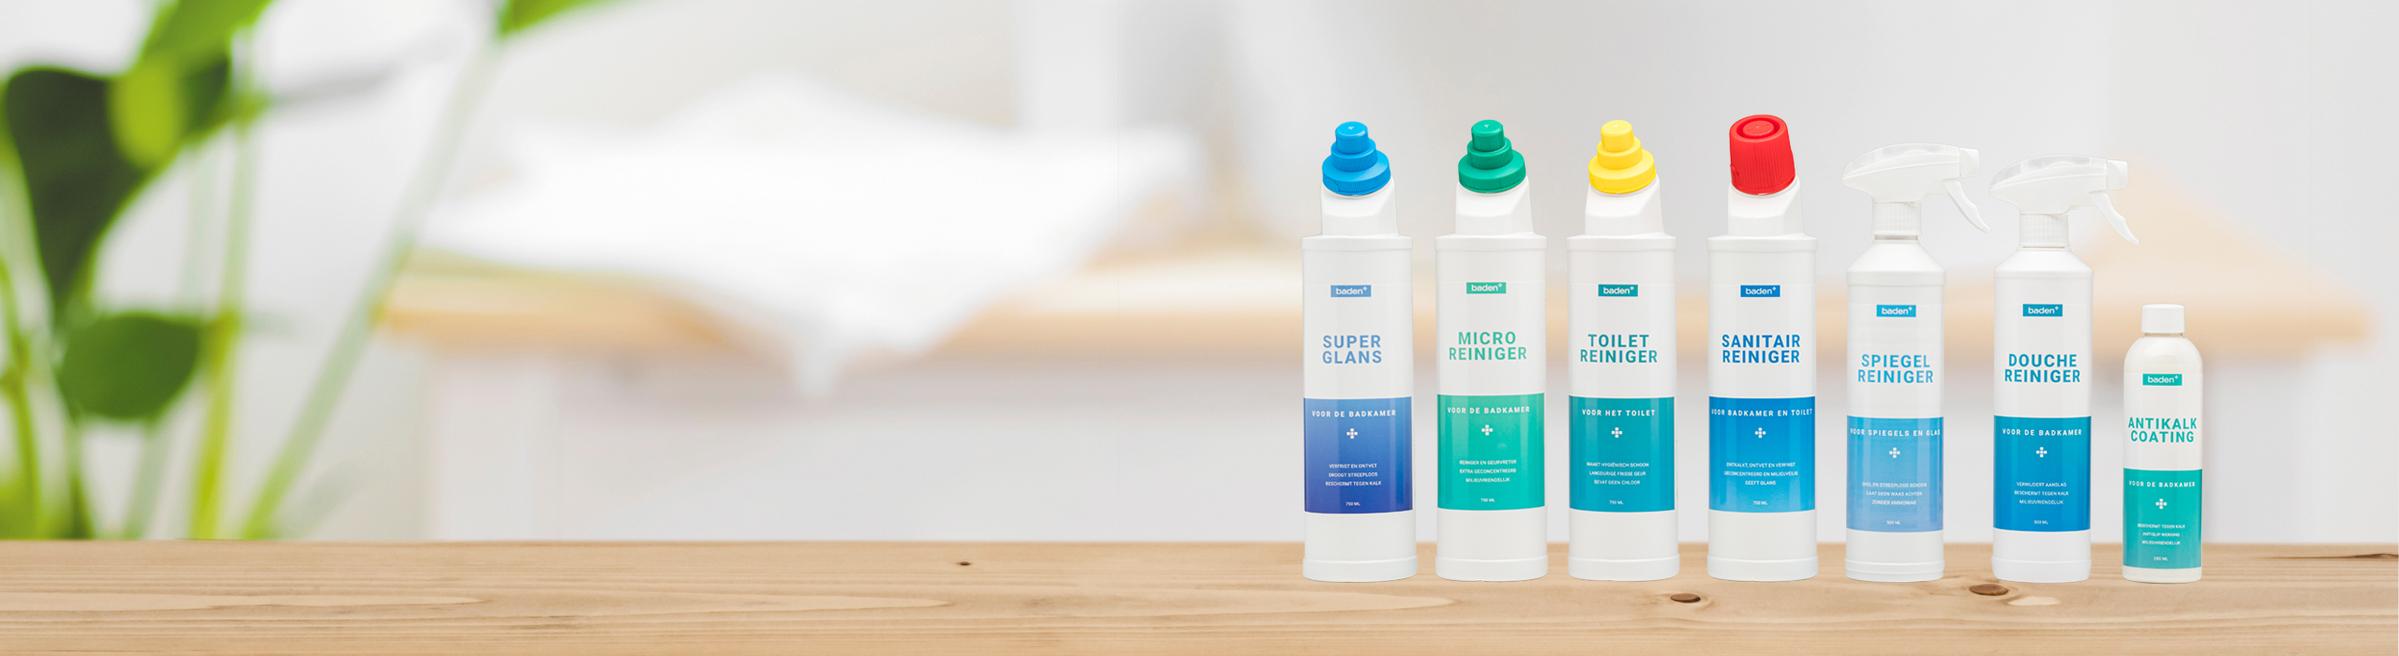 9 tips voor meer hygiëne in de badkamer - Banner - schoonmaakmiddelen (overige verwijzingen)